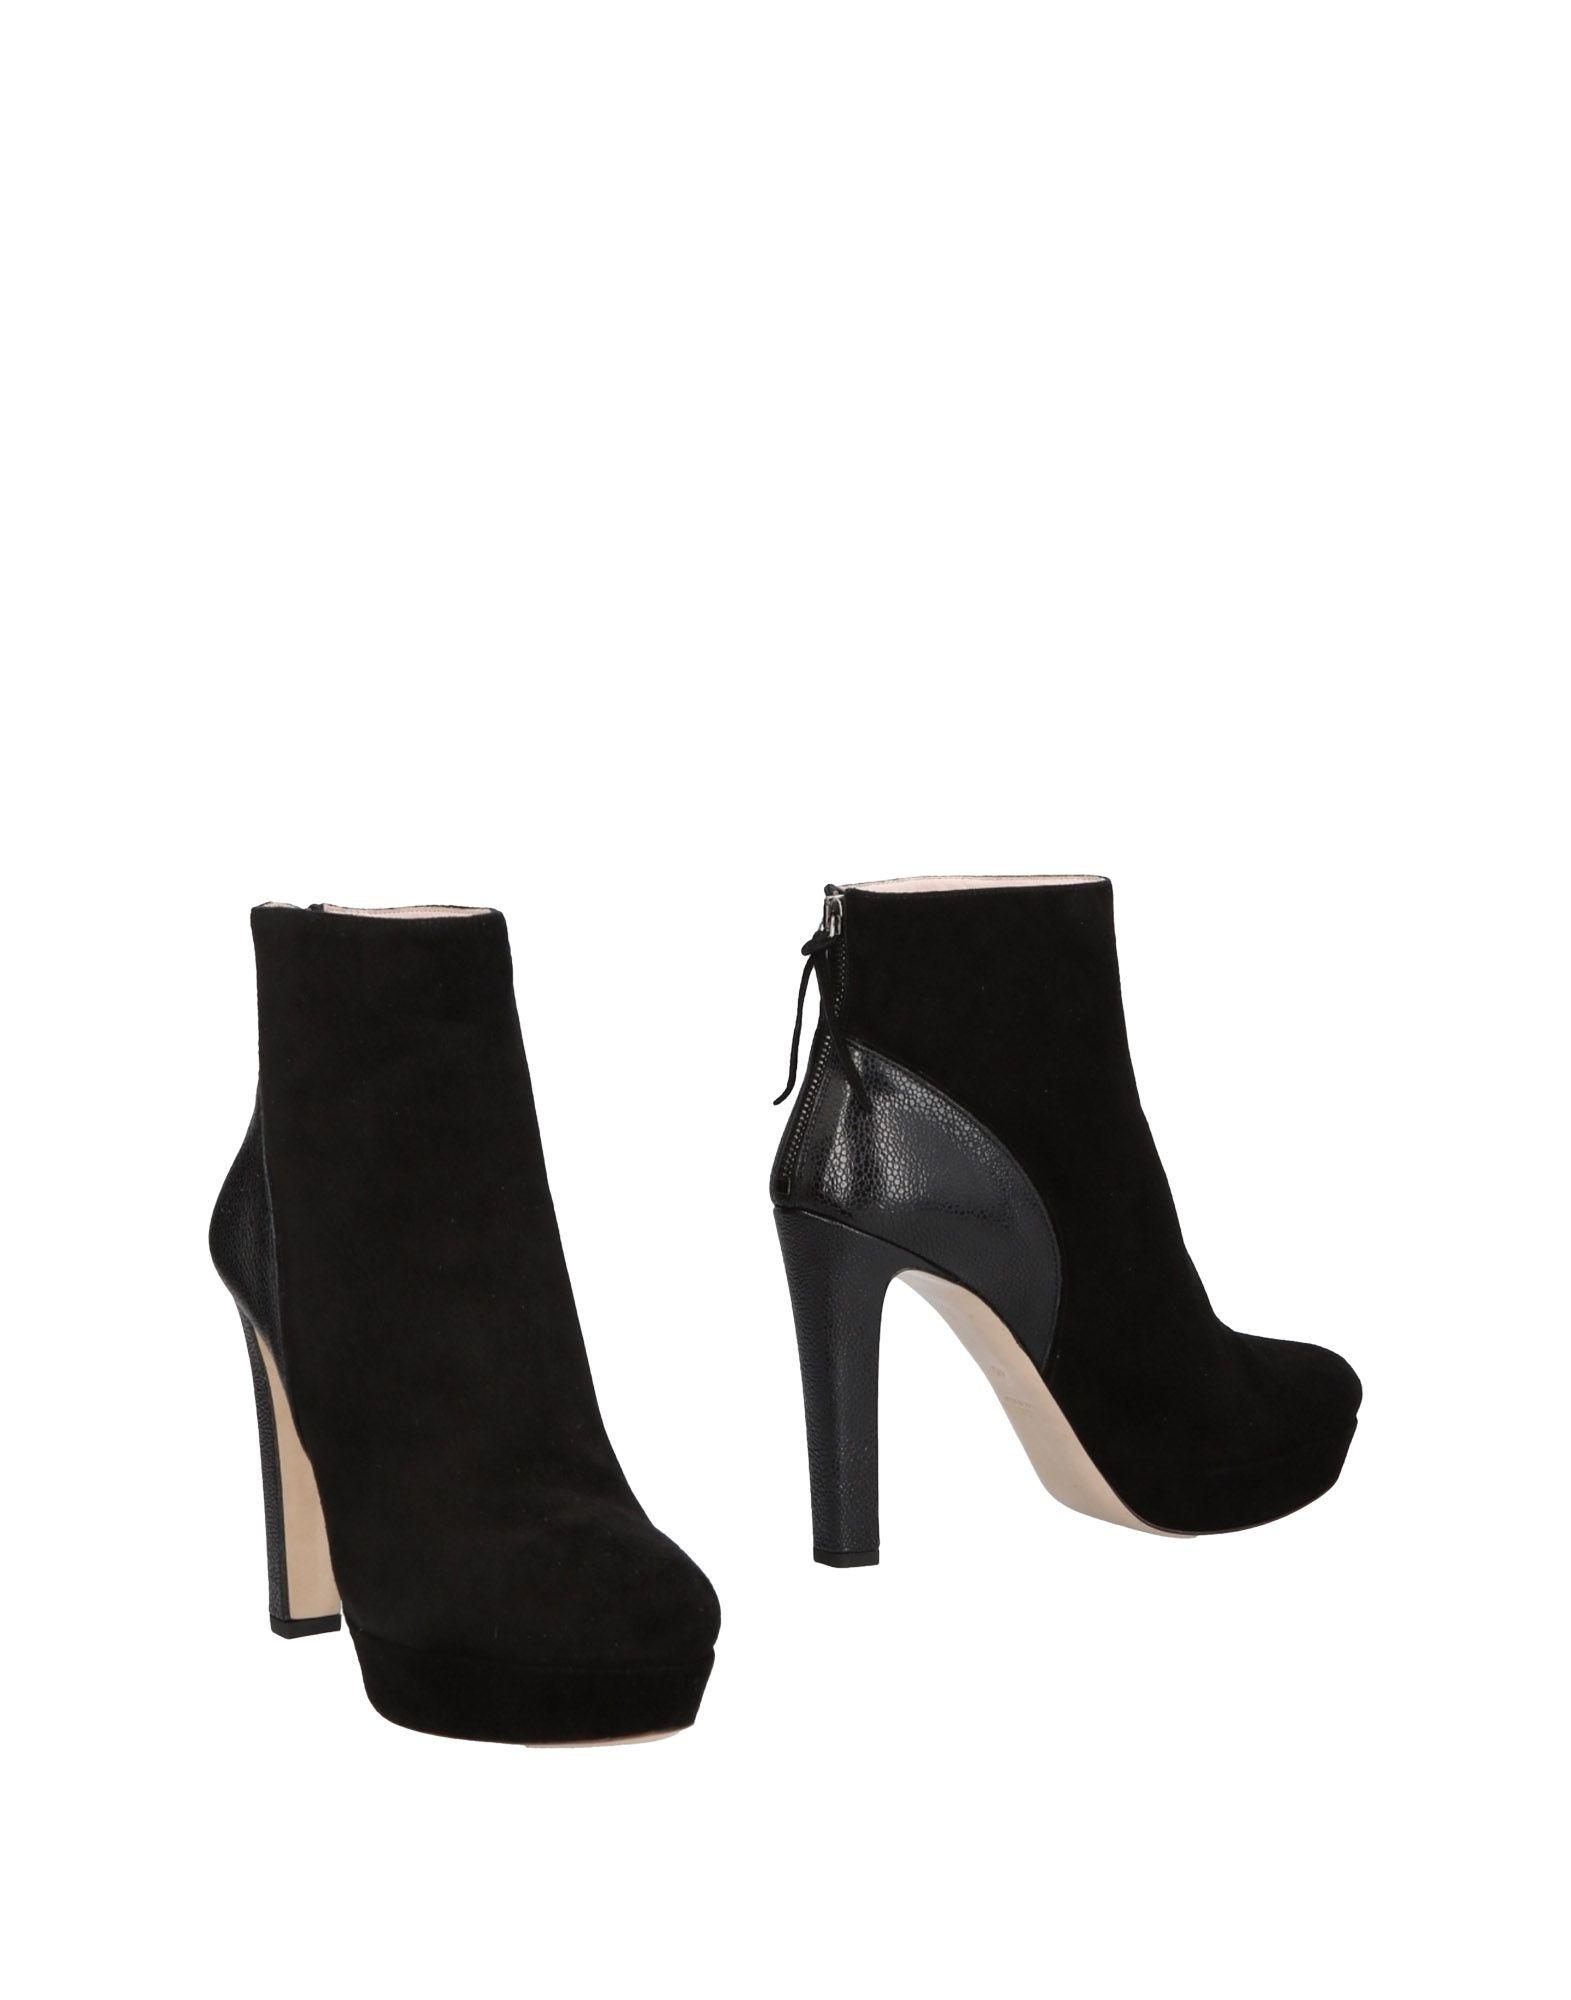 Miu Miu Stiefelette aussehende Damen  11471947KIGünstige gut aussehende Stiefelette Schuhe 661570